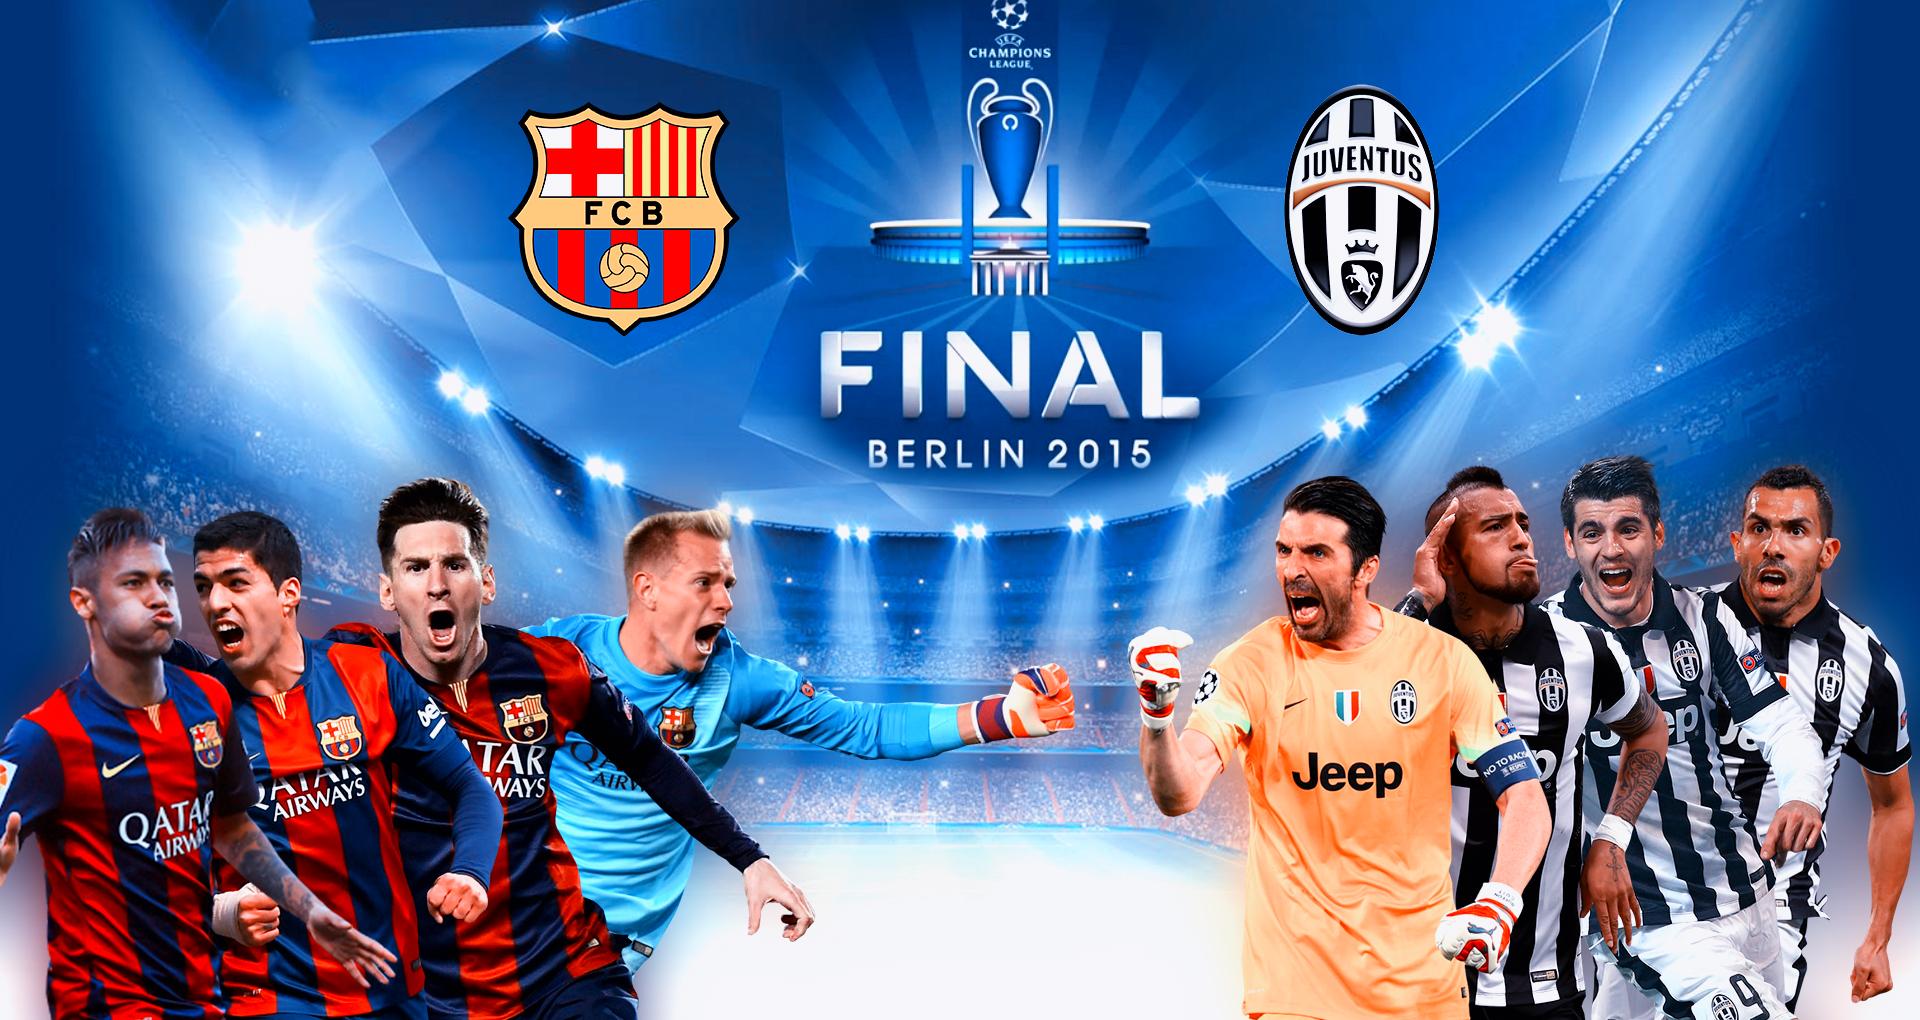 گزارشگر فینال لیگ قهرمانان اروپا مشخص شد.